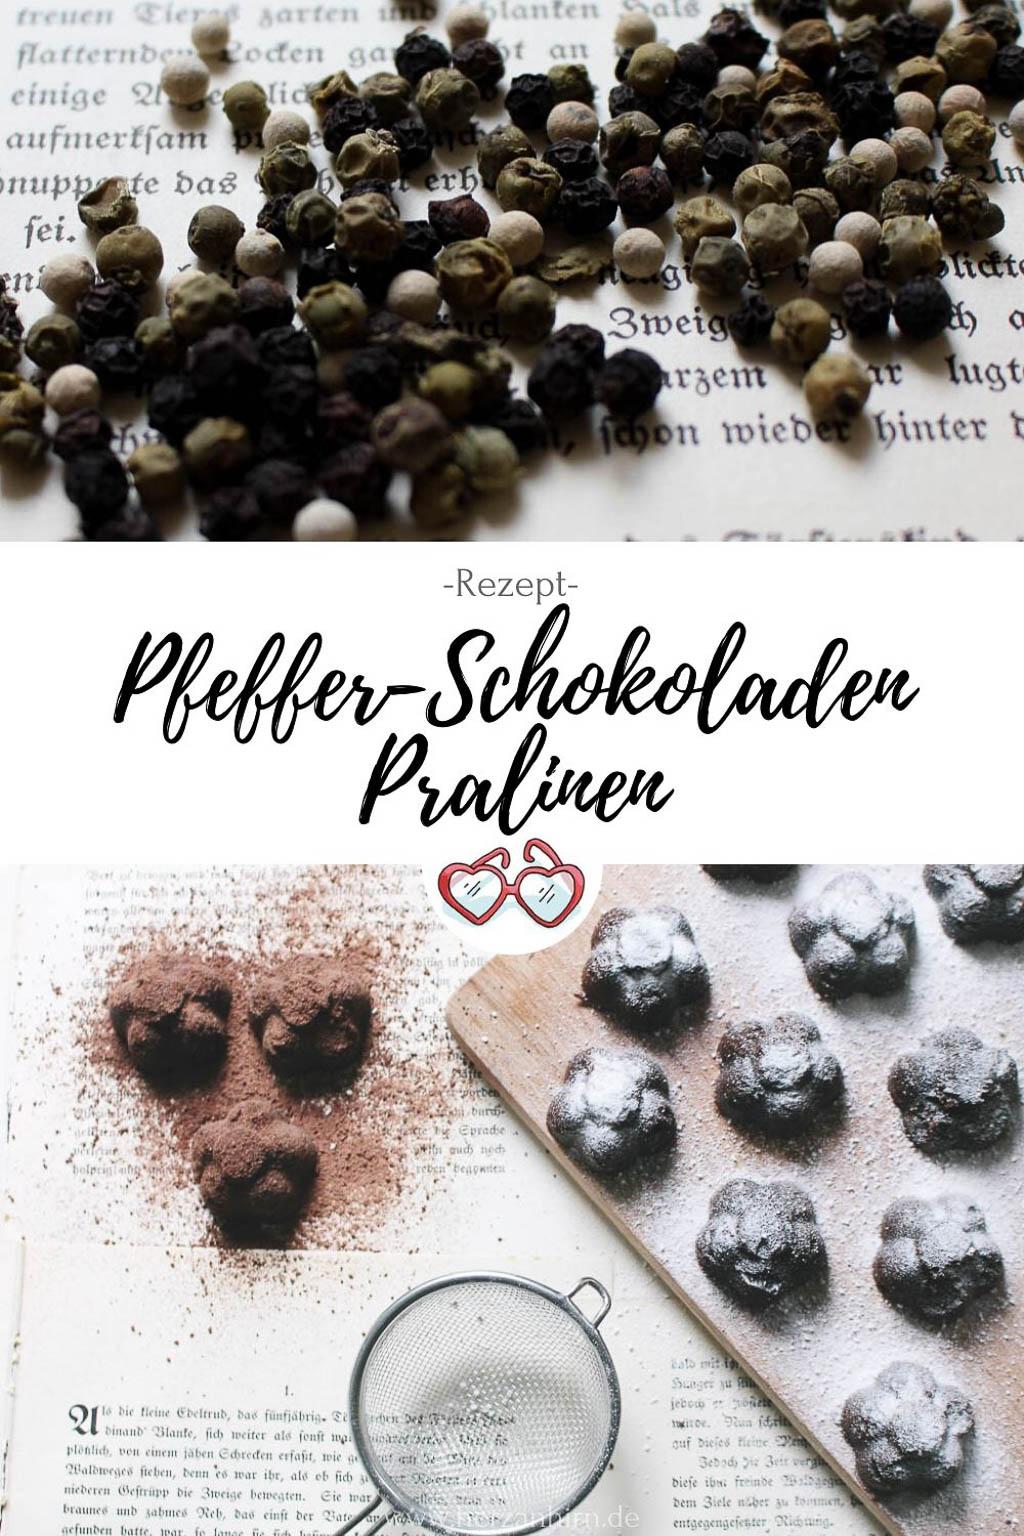 Pfeffer-Schokoladen Pralinen Pinterest Grafik